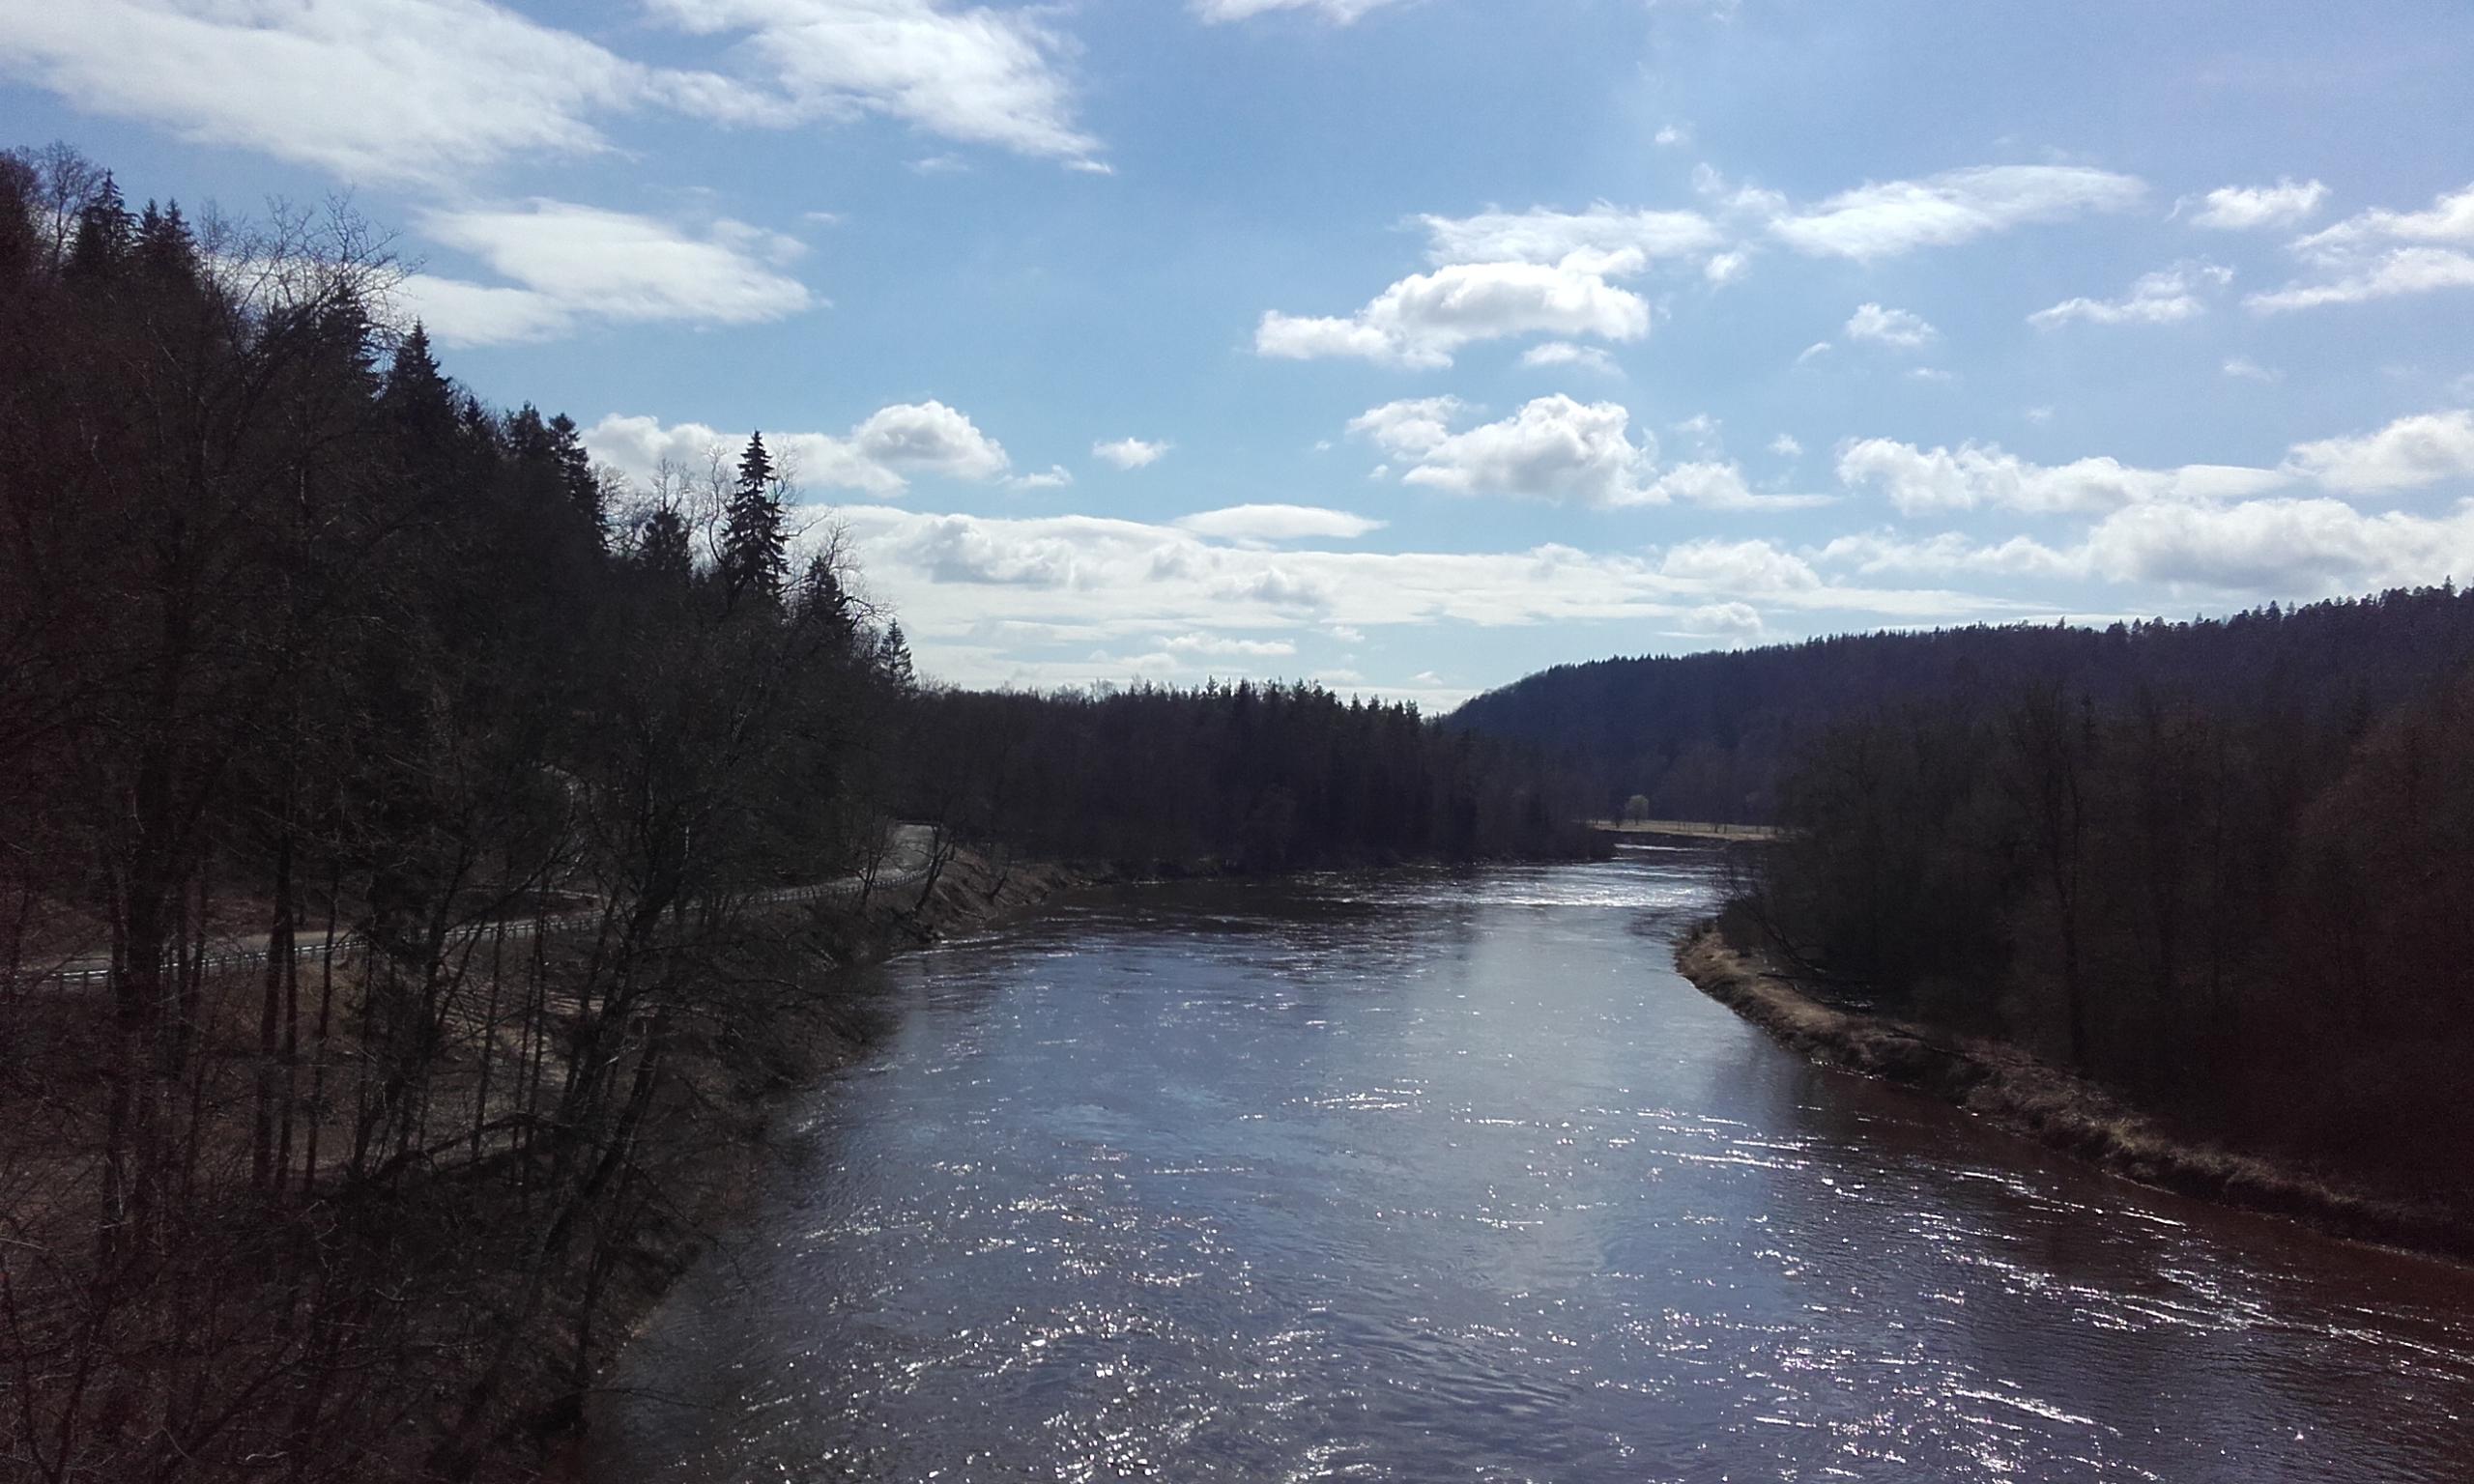 Atravesando el río en el Parque del Gauja